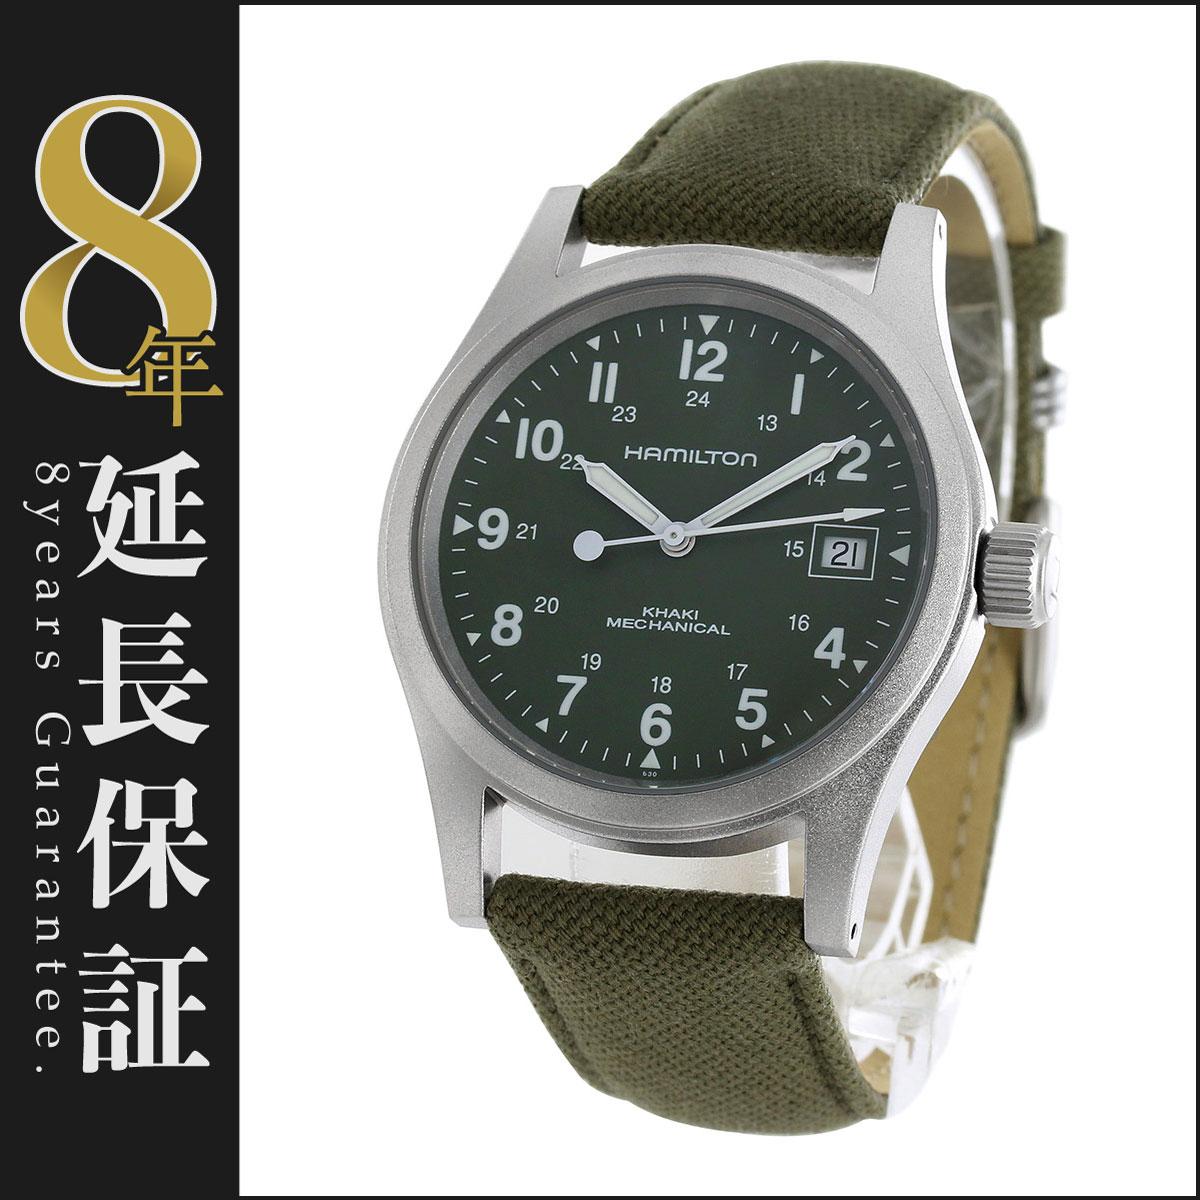 ハミルトン HAMILTON 腕時計 カーキ フィールド オフィサー キャンパスレザー メンズ H69419363_8